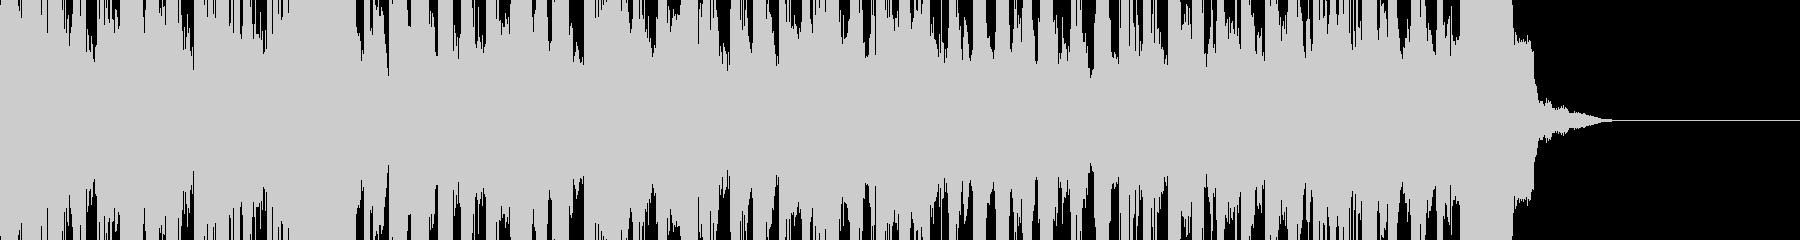 カントリー風ファミコン音源の未再生の波形